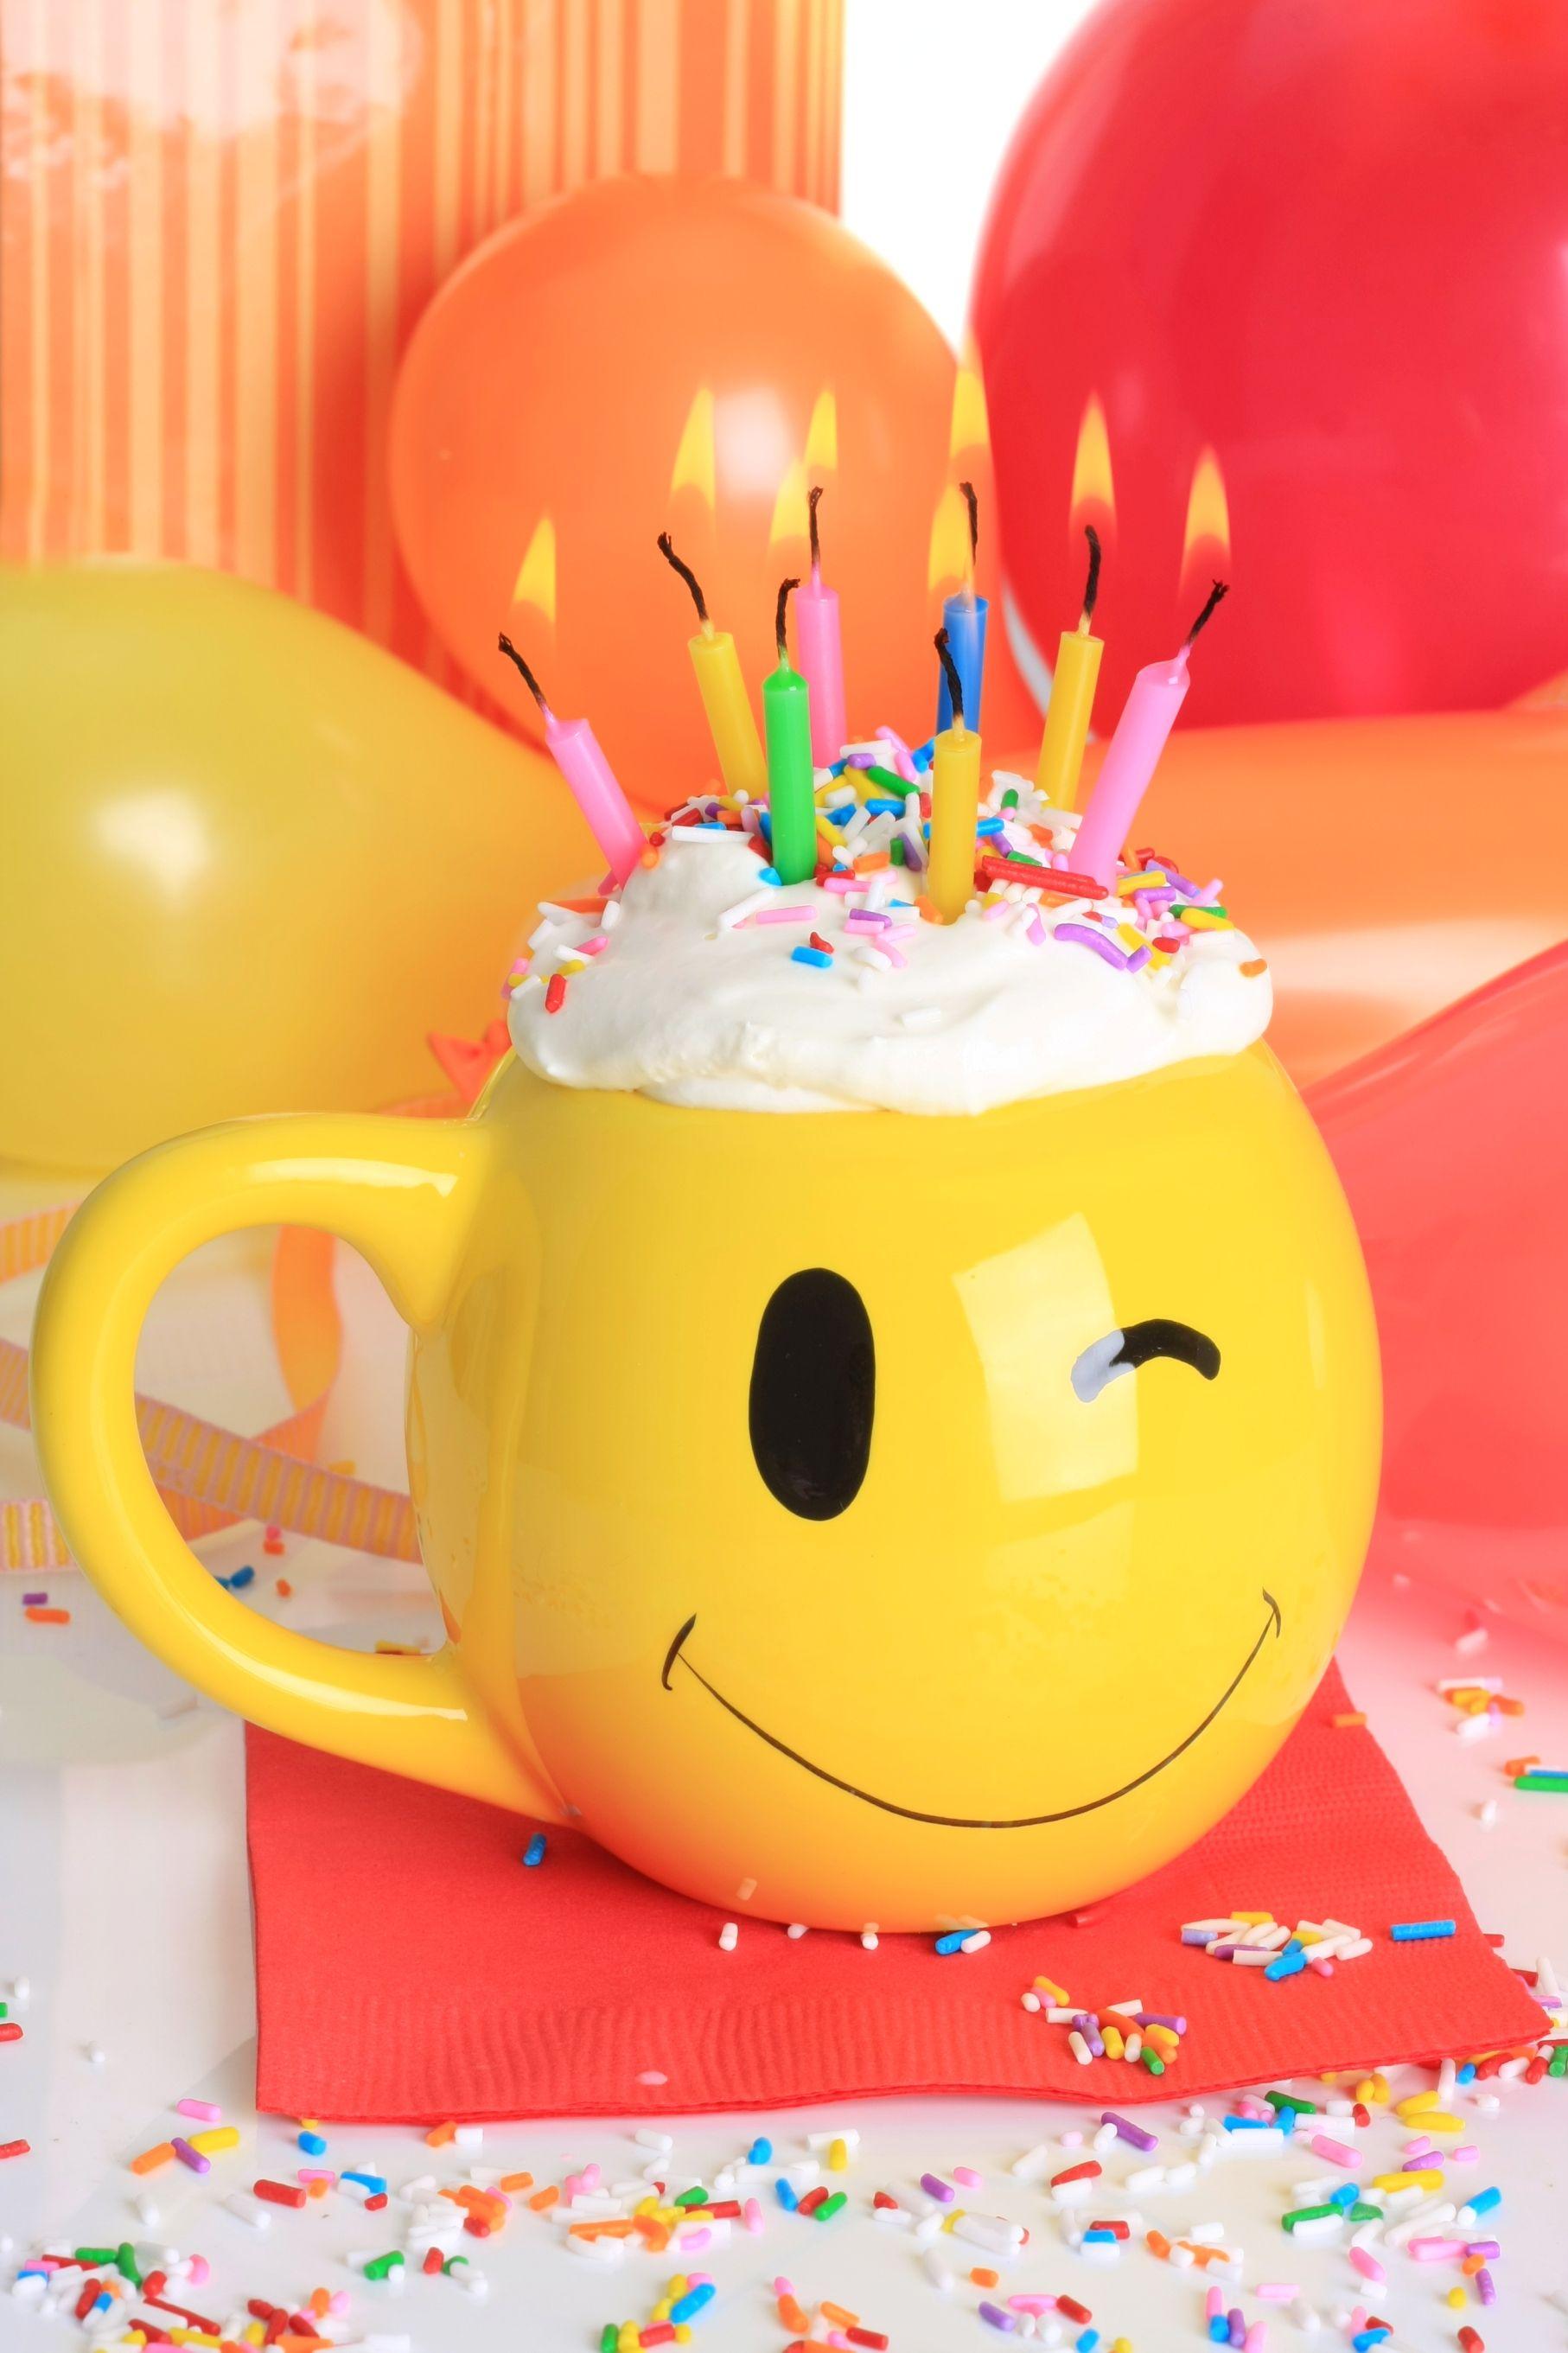 собаки топ необычных поздравлений с днем рождения вас есть